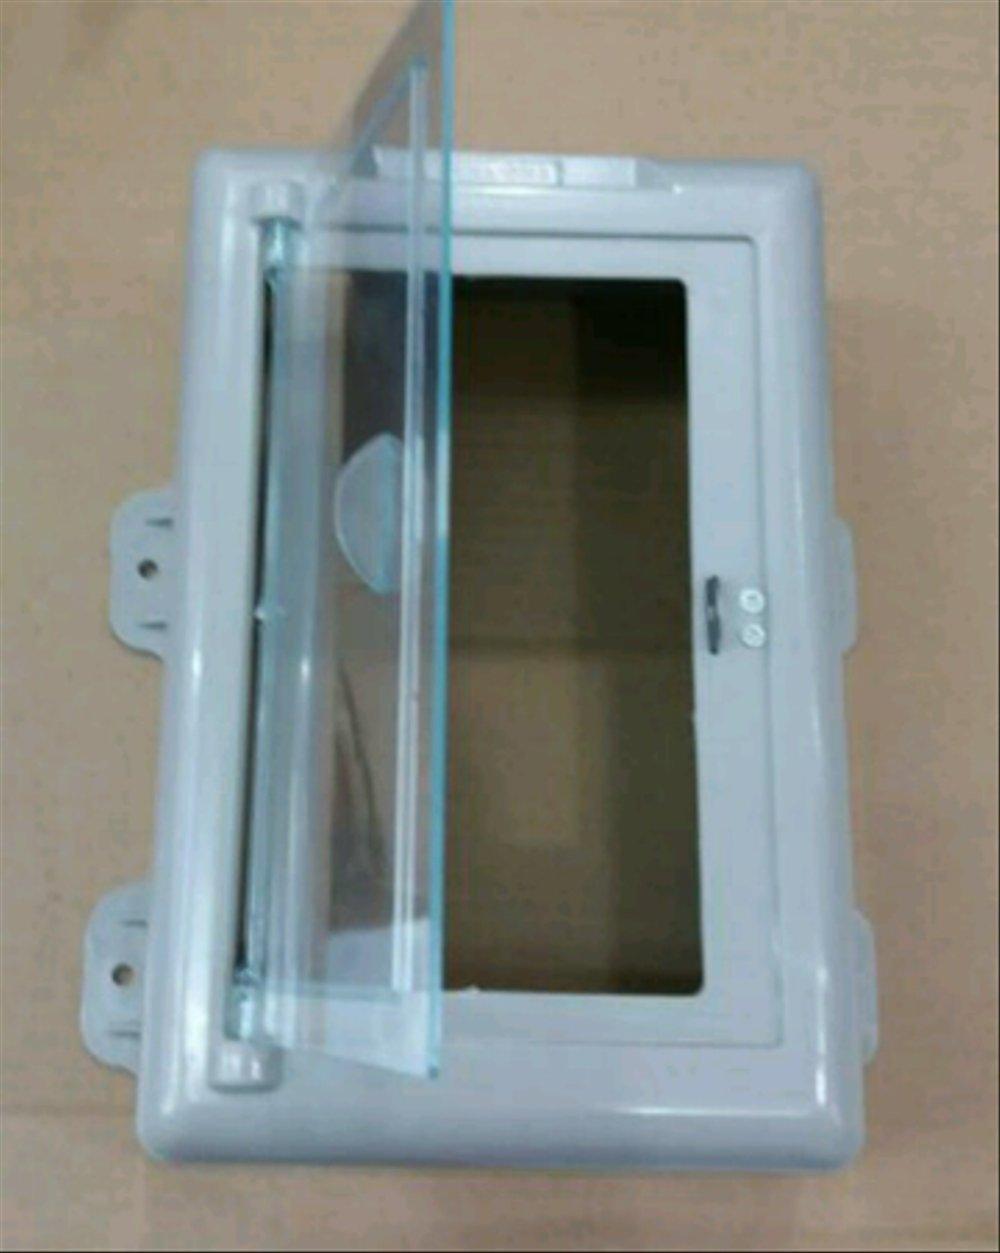 Box Meteran Listrik Token Pulsa - Kotak Meteran Listrik Pelindung meteran listrik